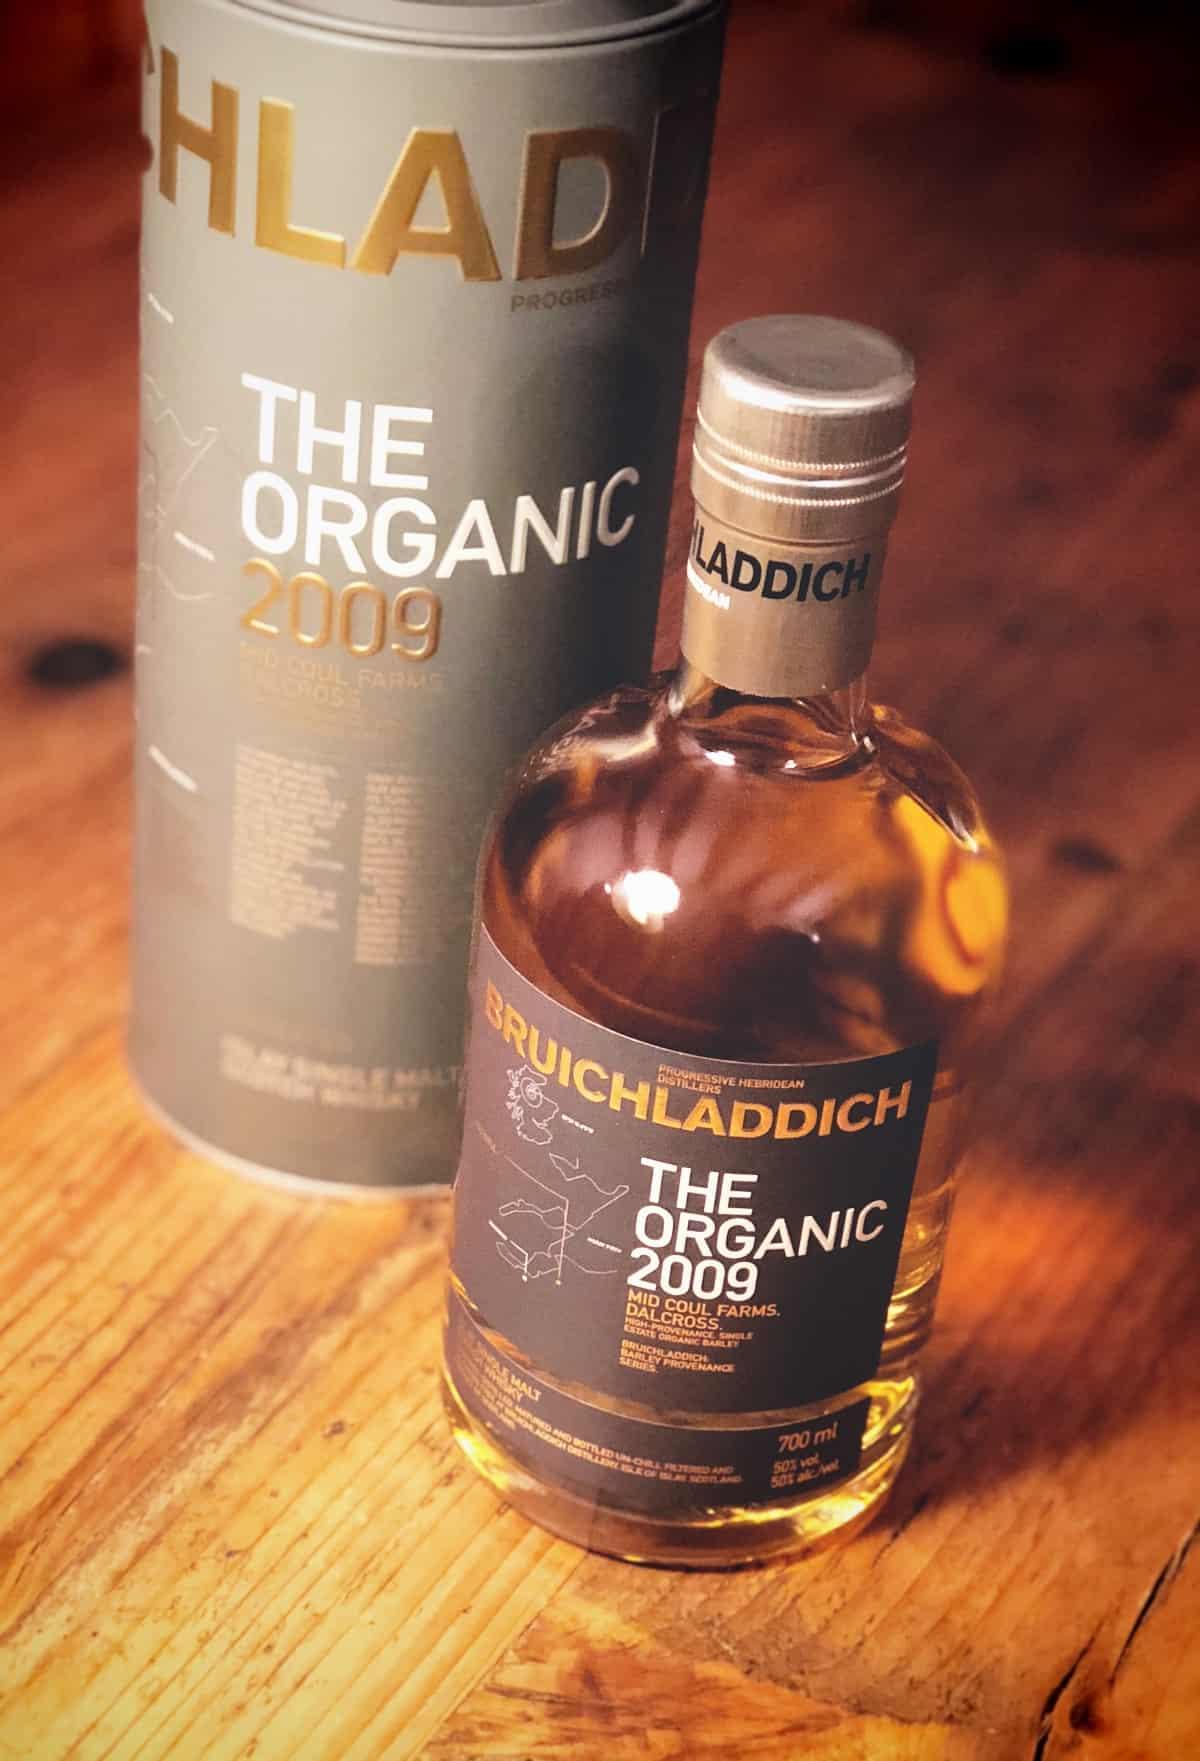 Bruichladdich Organic 2009